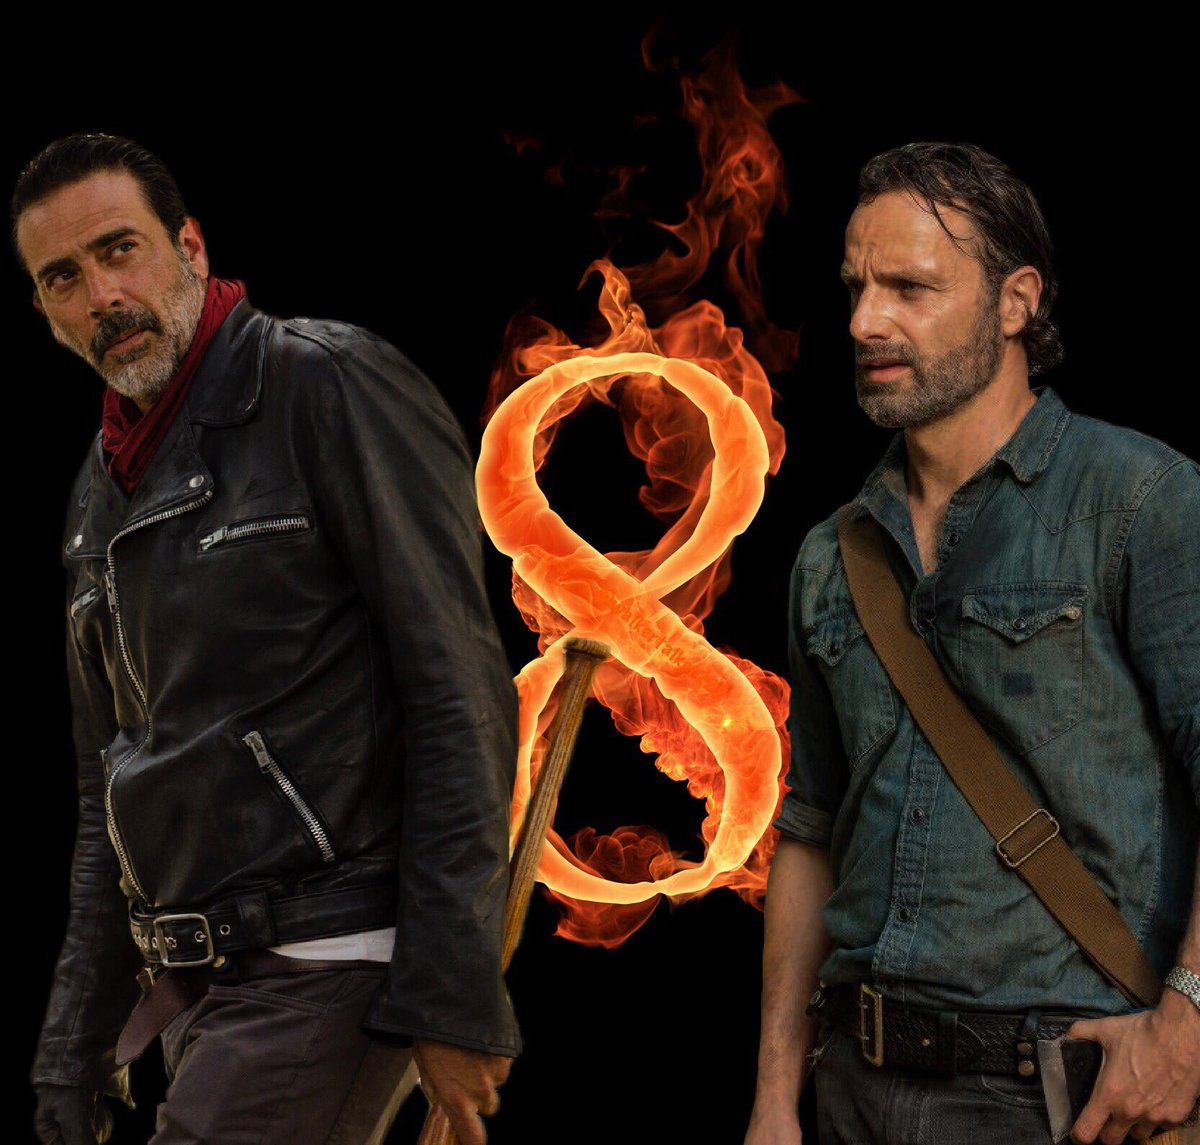 The Walking Dead Temporada 8: Noticias,Fotos y Spoilers.  - Página 4 DAJ-QynVYAA4dqP